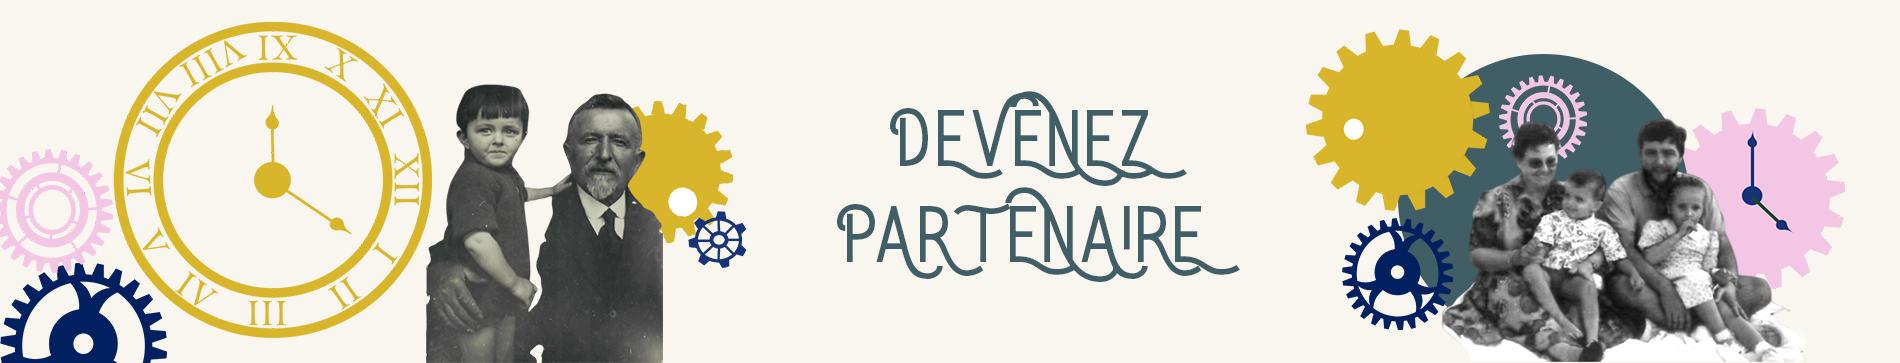 Family_Time_Factory_Devenir_Membre_Partenaire